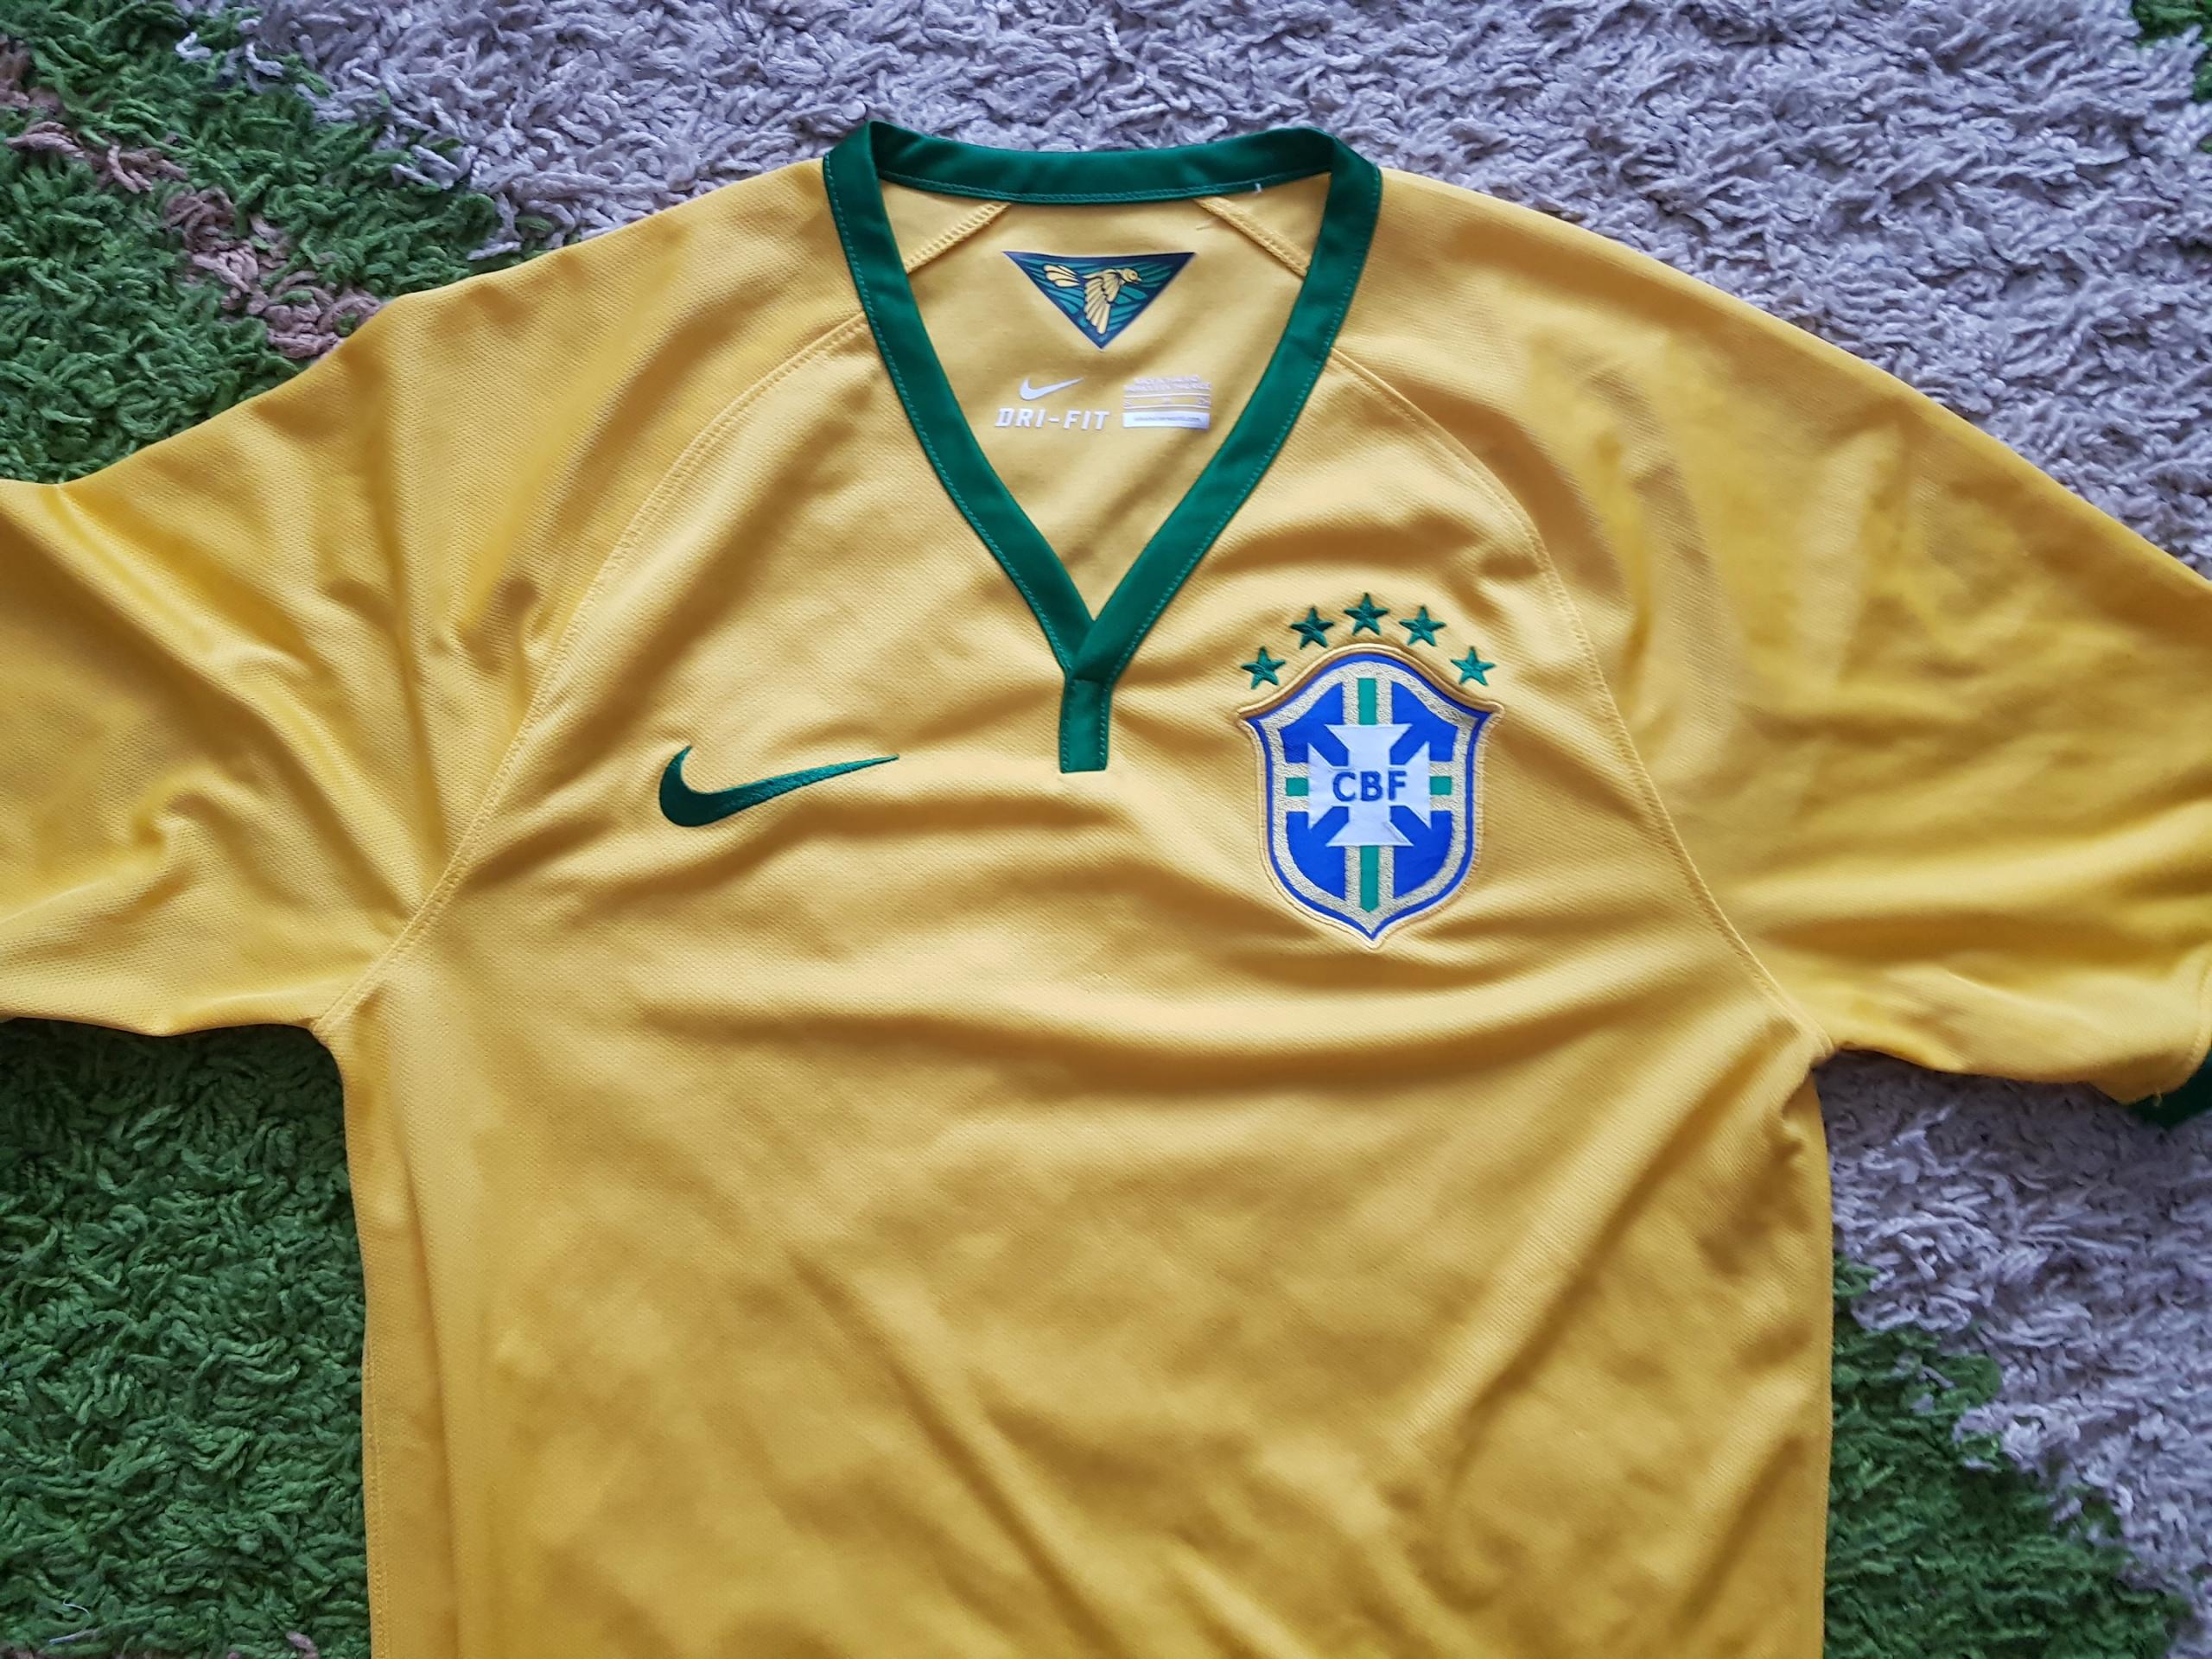 BRAZIL BRAZYLIA PUMA S WORLD CUP 2014